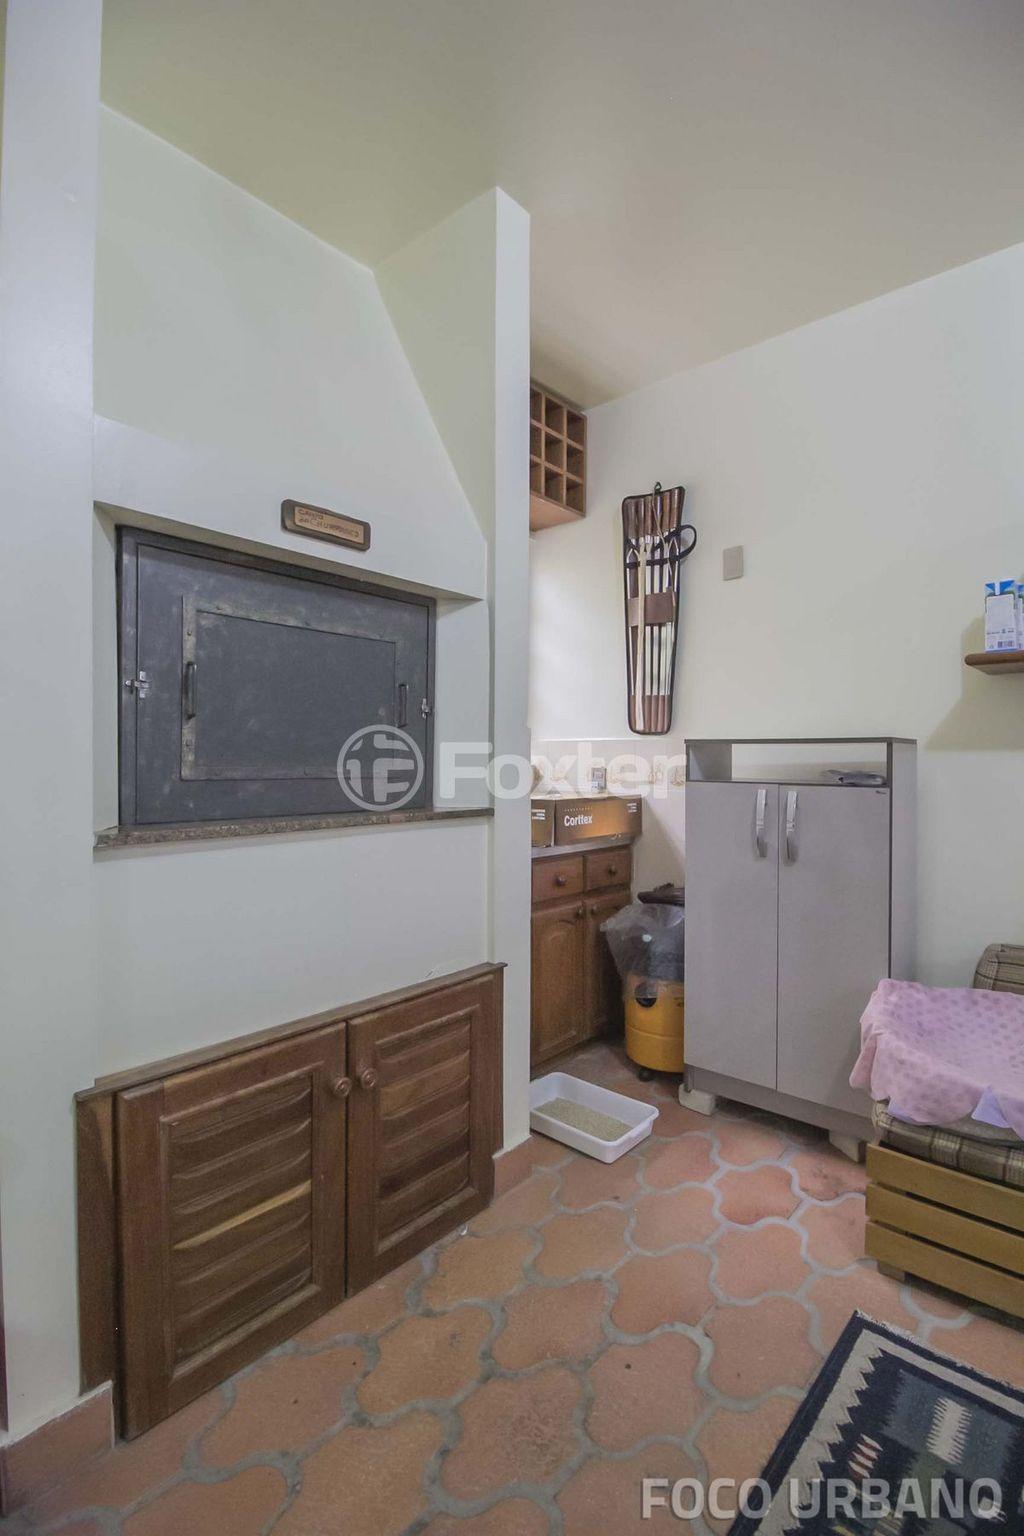 Casa 3 Dorm, Anchieta, Porto Alegre (133858) - Foto 21